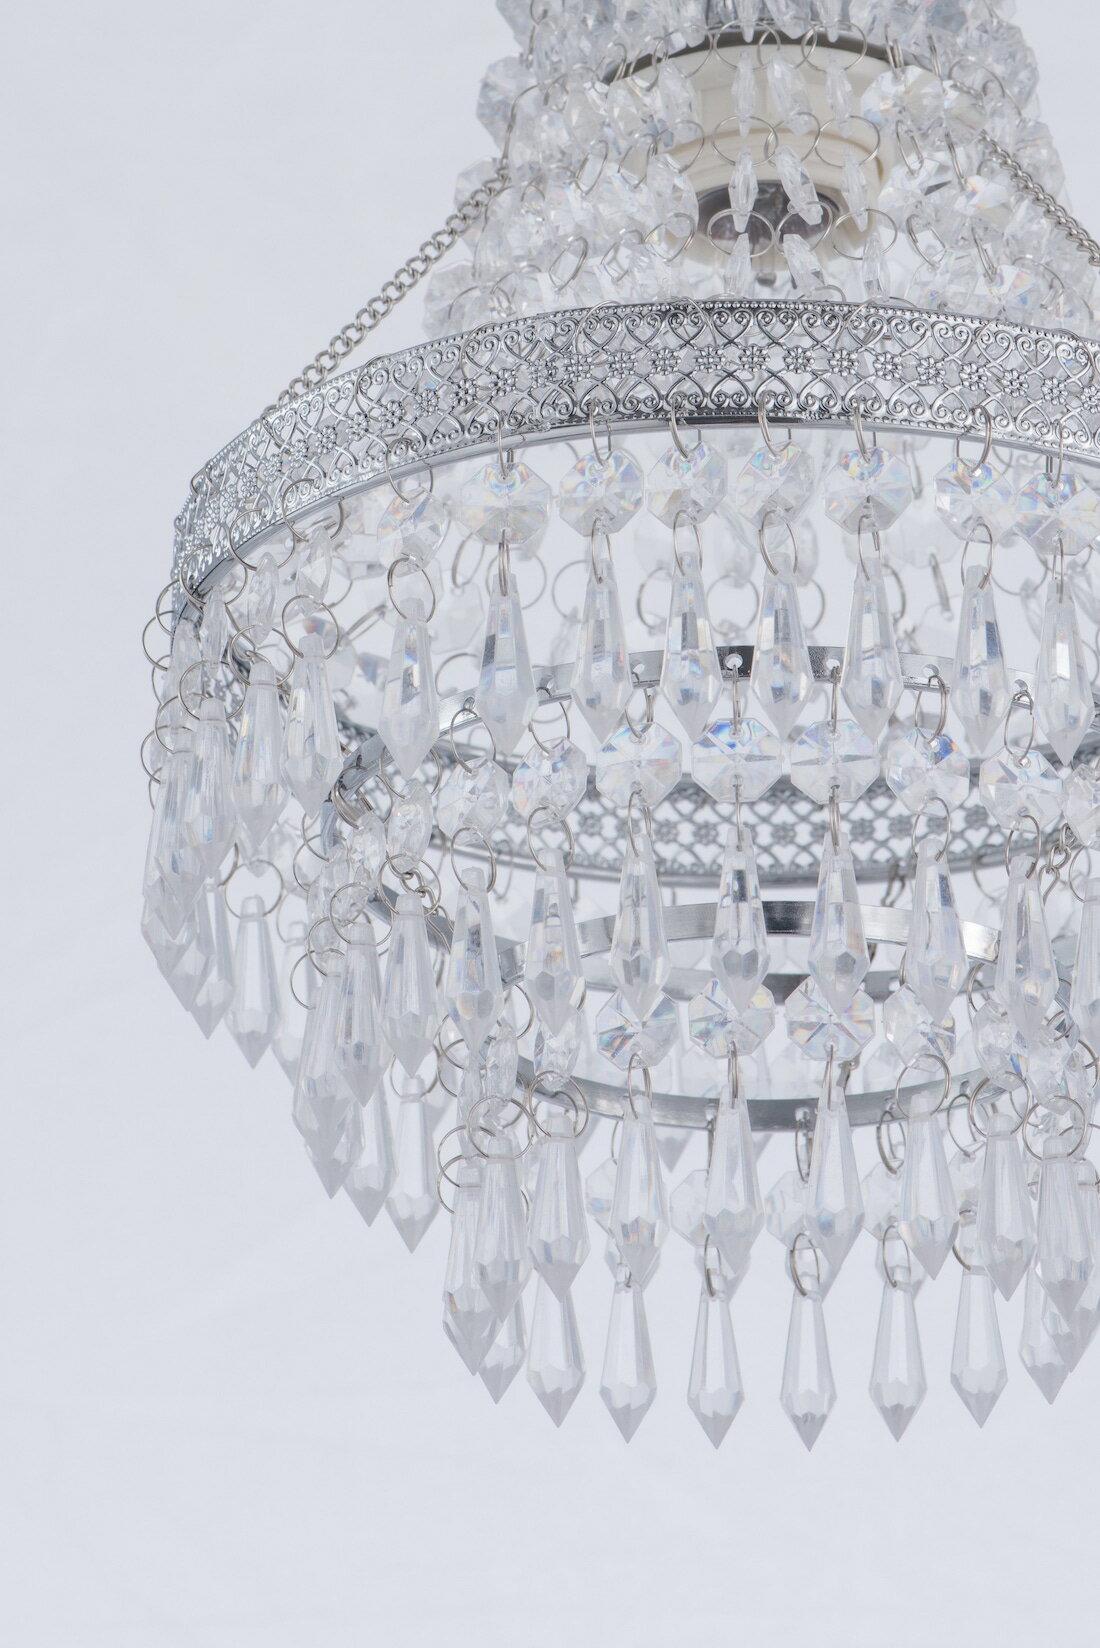 鍍鉻色華麗透明壓克力珠吊燈-BNL00022 1